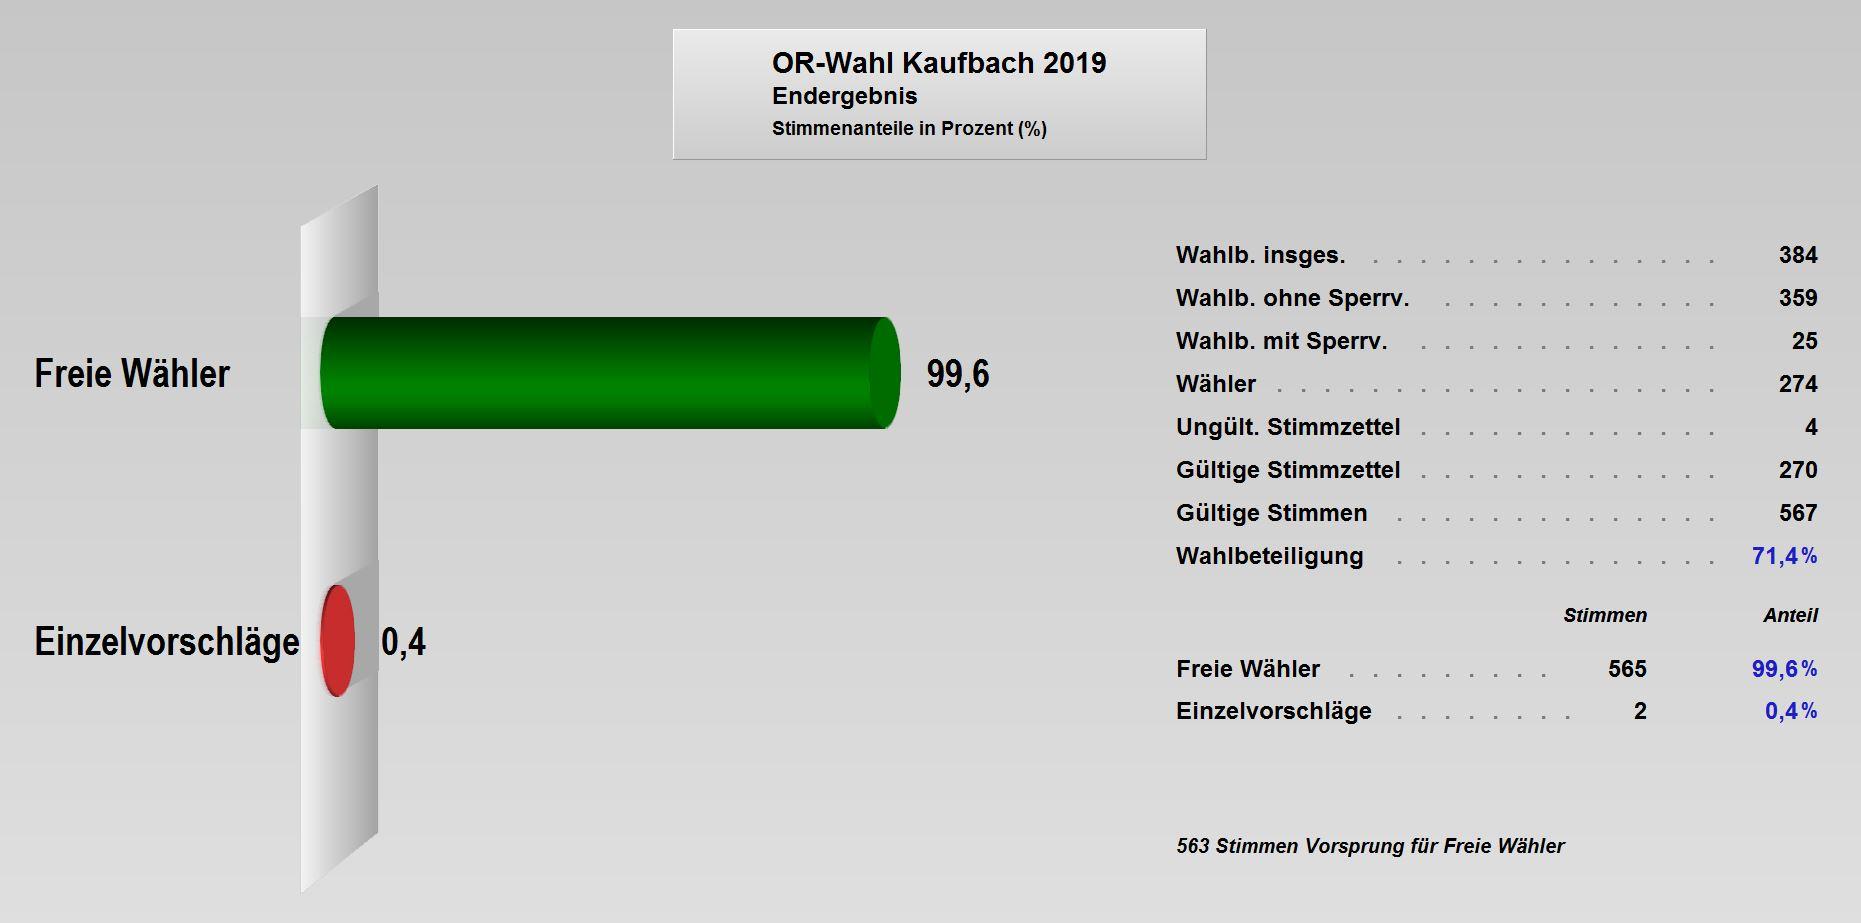 OR-Wahl_2019_Endergebnis_Kaufbach.JPG